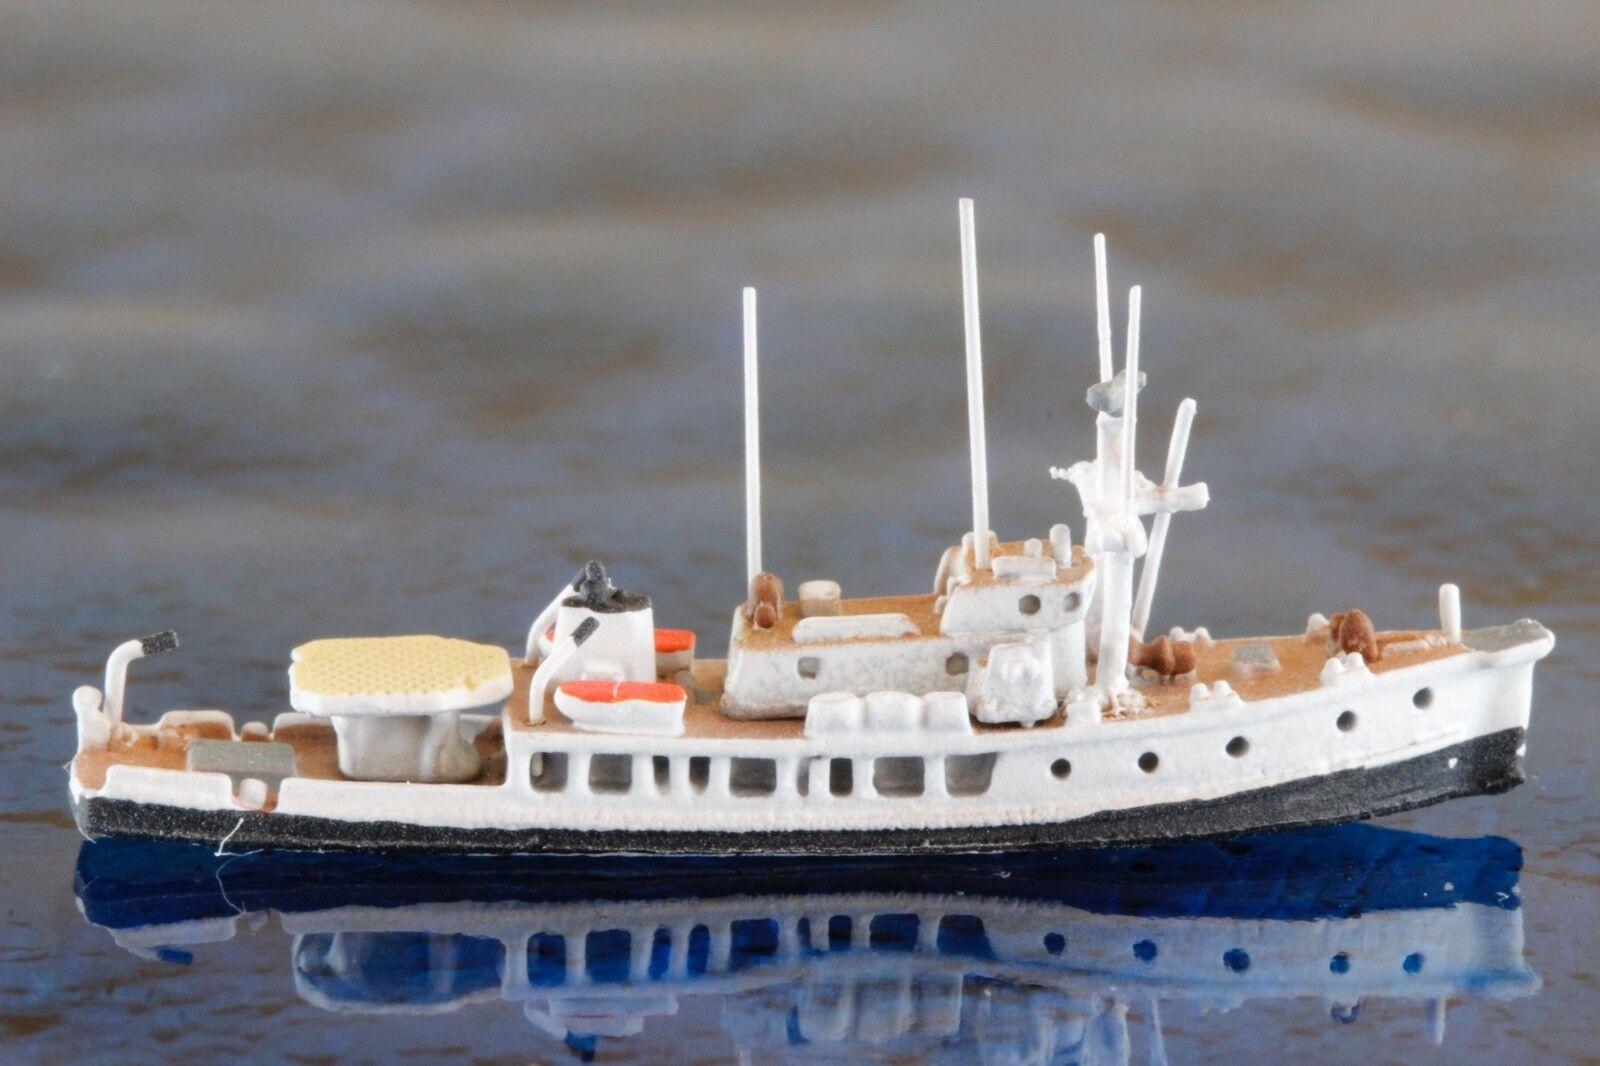 Calypso Fabricant monde du navire Vignettes h Liz 1,1 1250 vaisseau Modèle